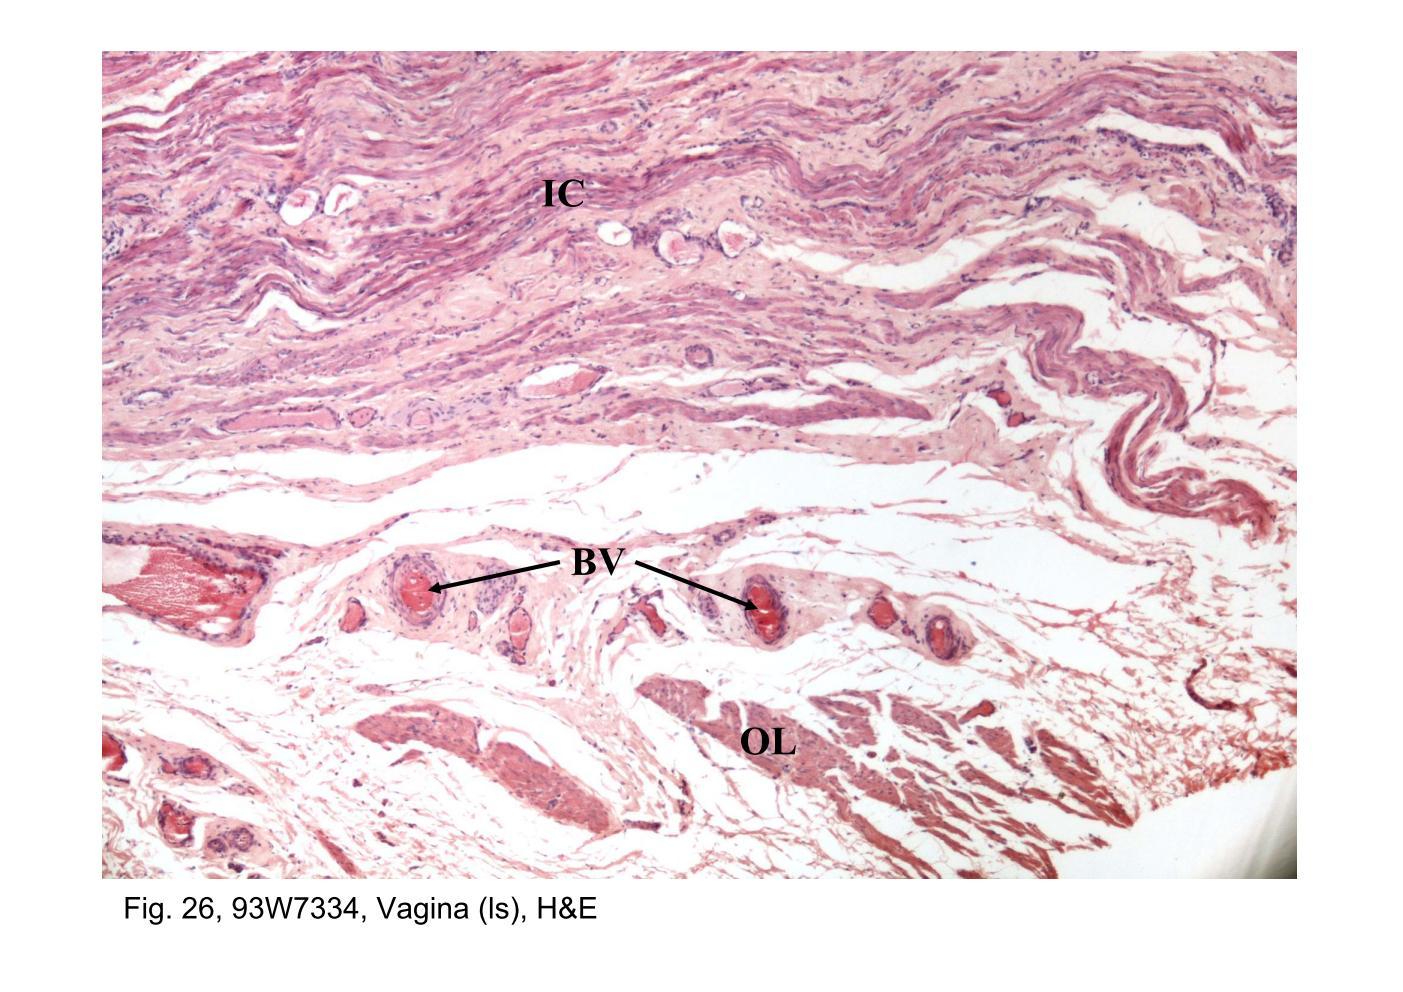 Vaginal wall anatomy